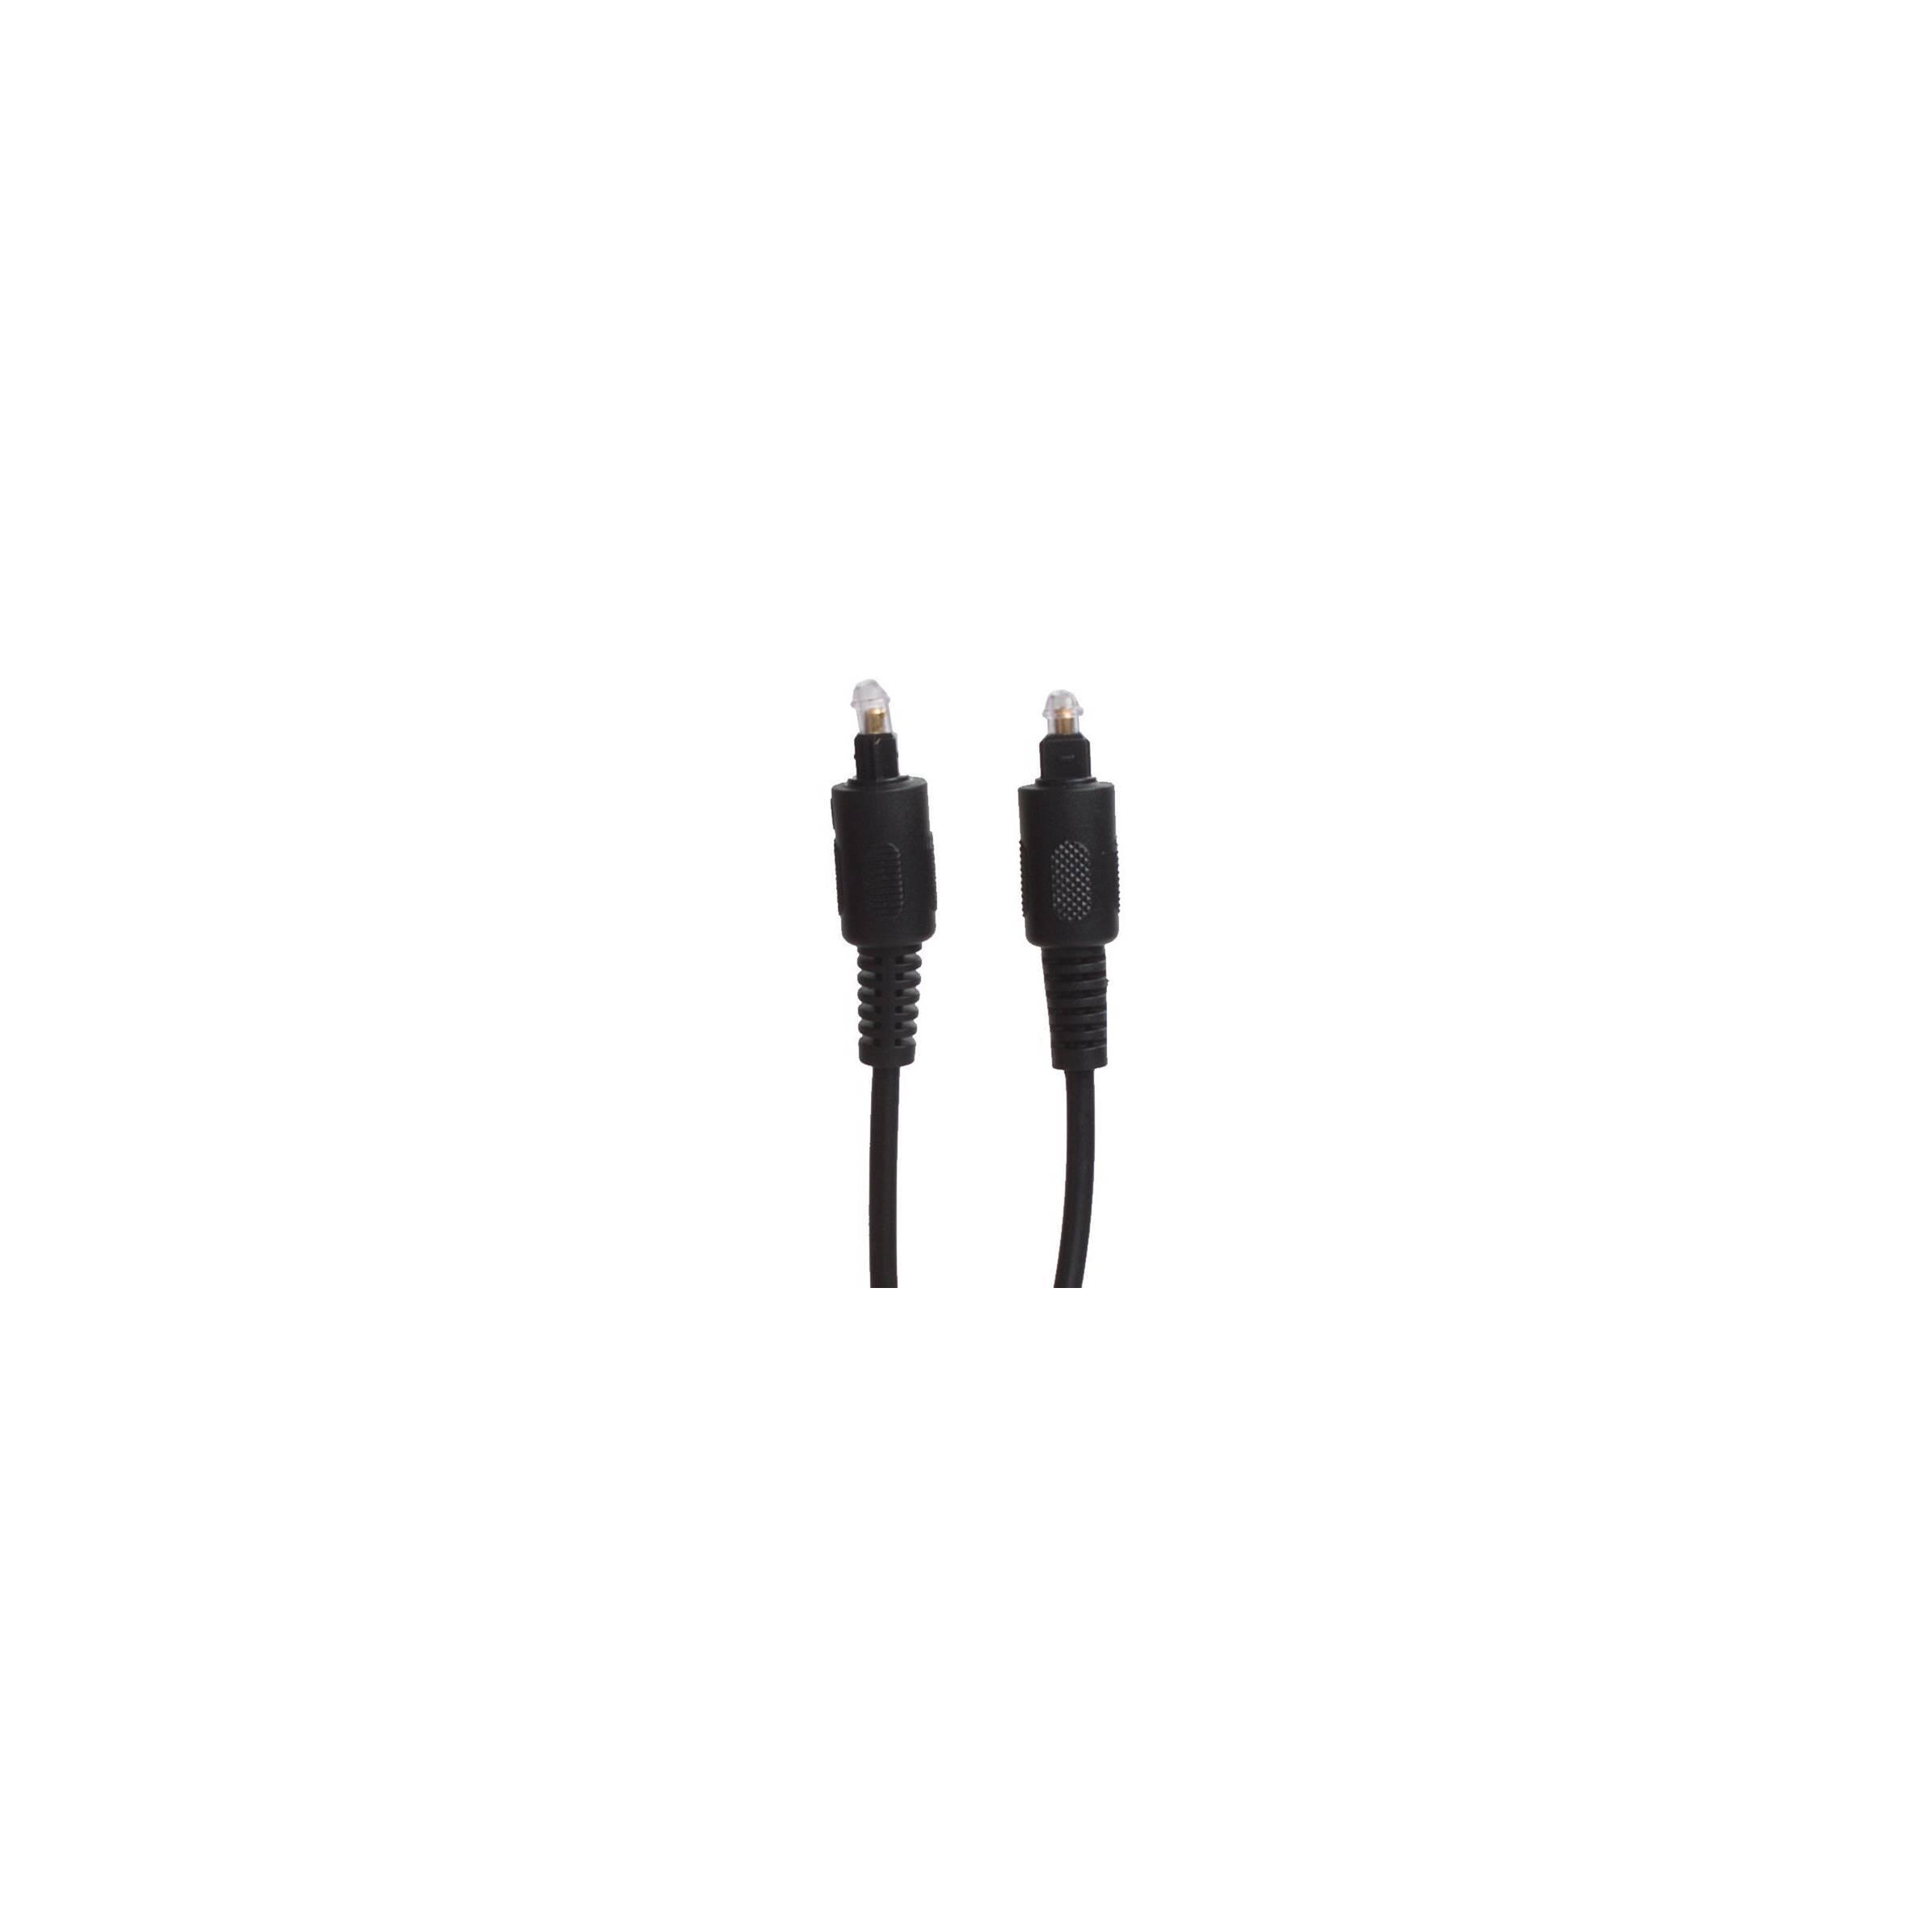 connectech by sinox Connectech optisk kabel 1-10m længde 10 meter på mackabler.dk